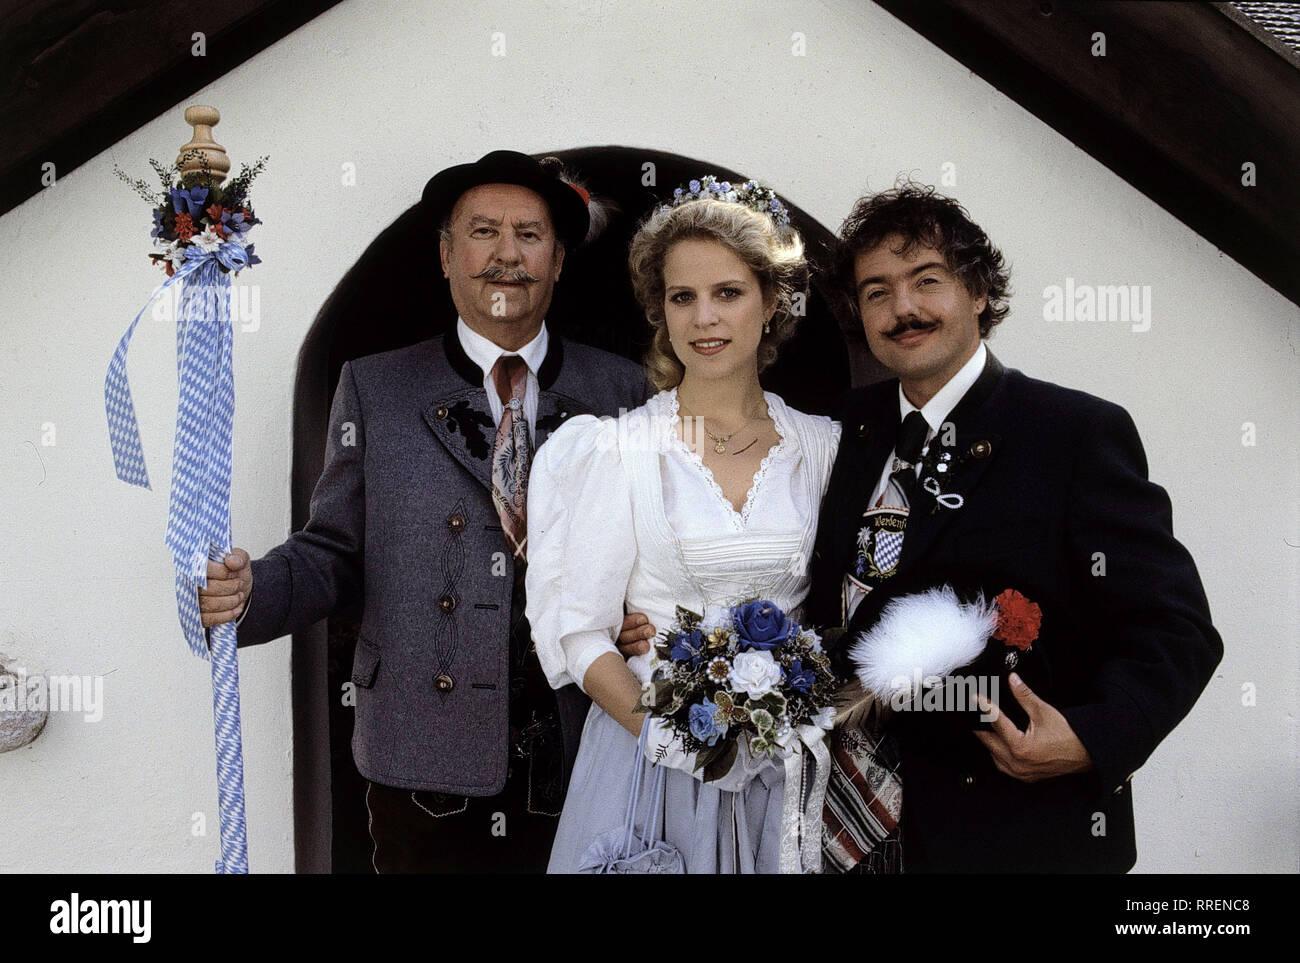 WEISSBLAUE GESCHICHTEN / Der Hochzeitslader / Der Hochzeitslader Max Kiermair (TONI BERGER) hat 30 Jahre lang Hochzeiten ausgerichtet. Seine letzte nun soll besonders schön werden. Die beiden reichsten Familien des Ortes sind versammelt, um Gerdi (CHRISTINE BRAMMER) und Lenz (RAIMOND KNOLL) unter die Haube zu bringen. Bild: Hochzeitlader und Brautpaar in Tracht. / EM-0-57122 / , 13DFAWeiss / Überschrift: WEISSBLAUE GESCHICHTEN / D 1993 - Stock Image